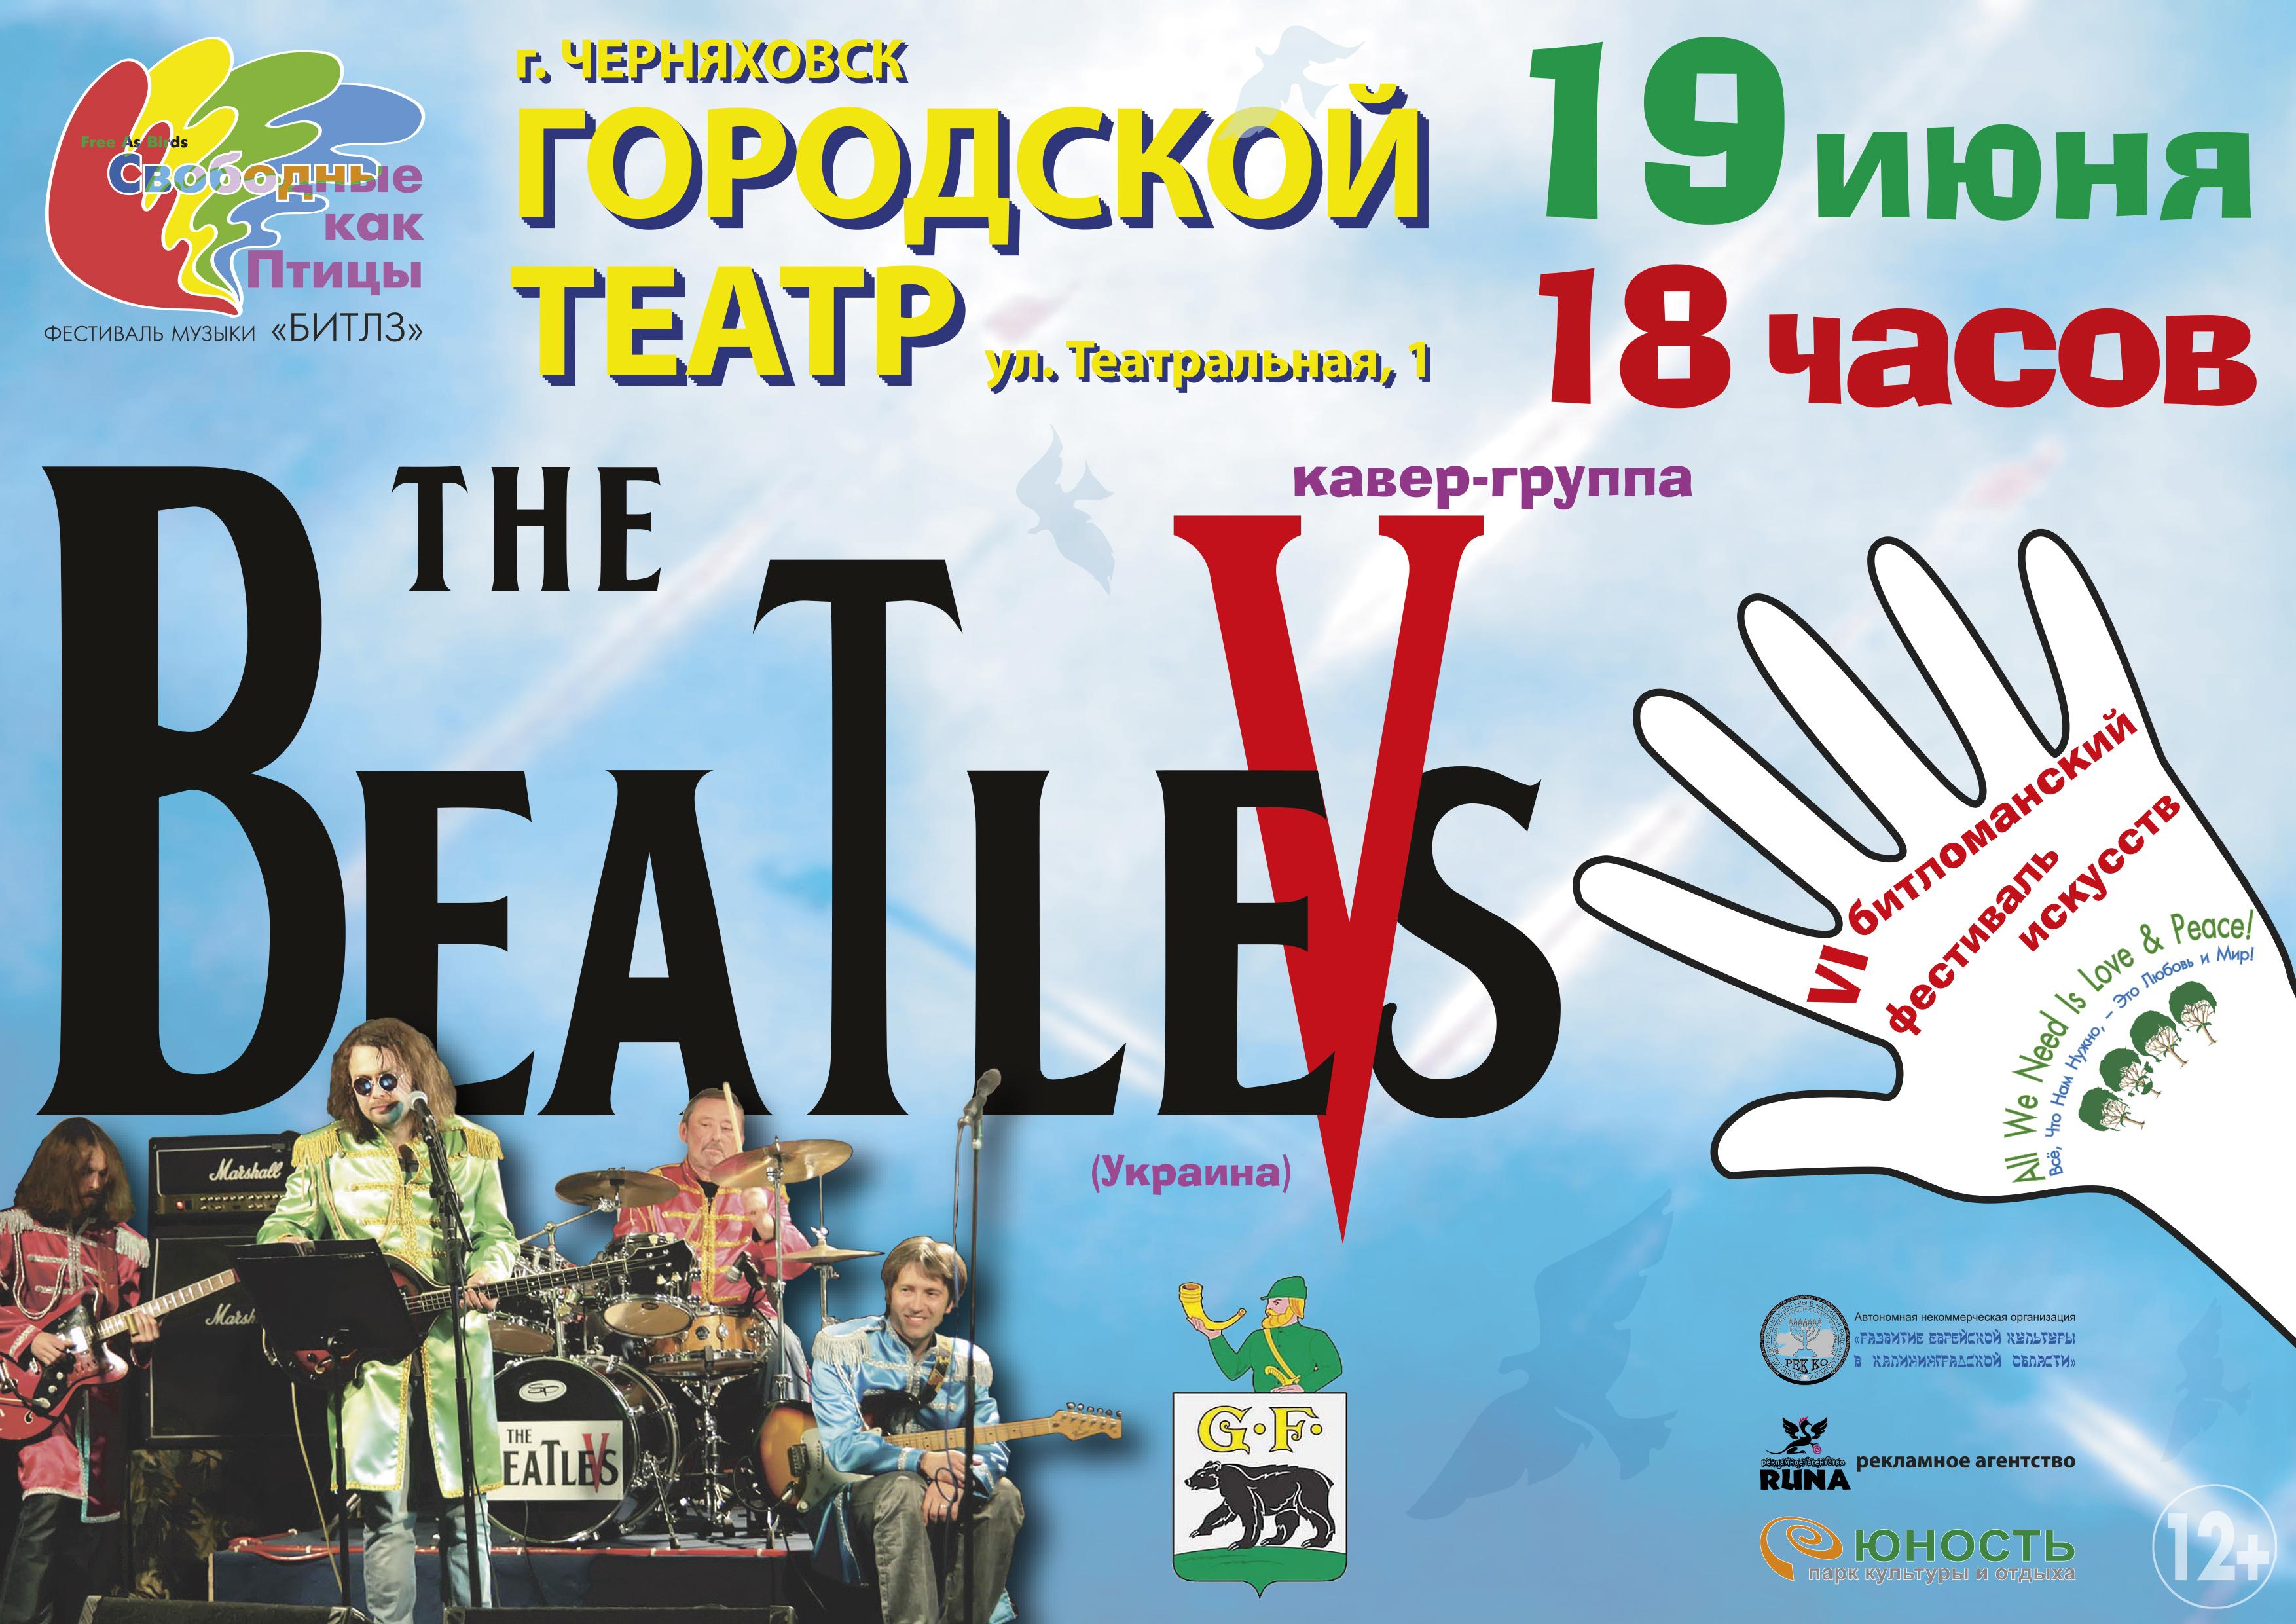 19.06, 18.00 в Черняхоске, концерт группы The Beatlevs